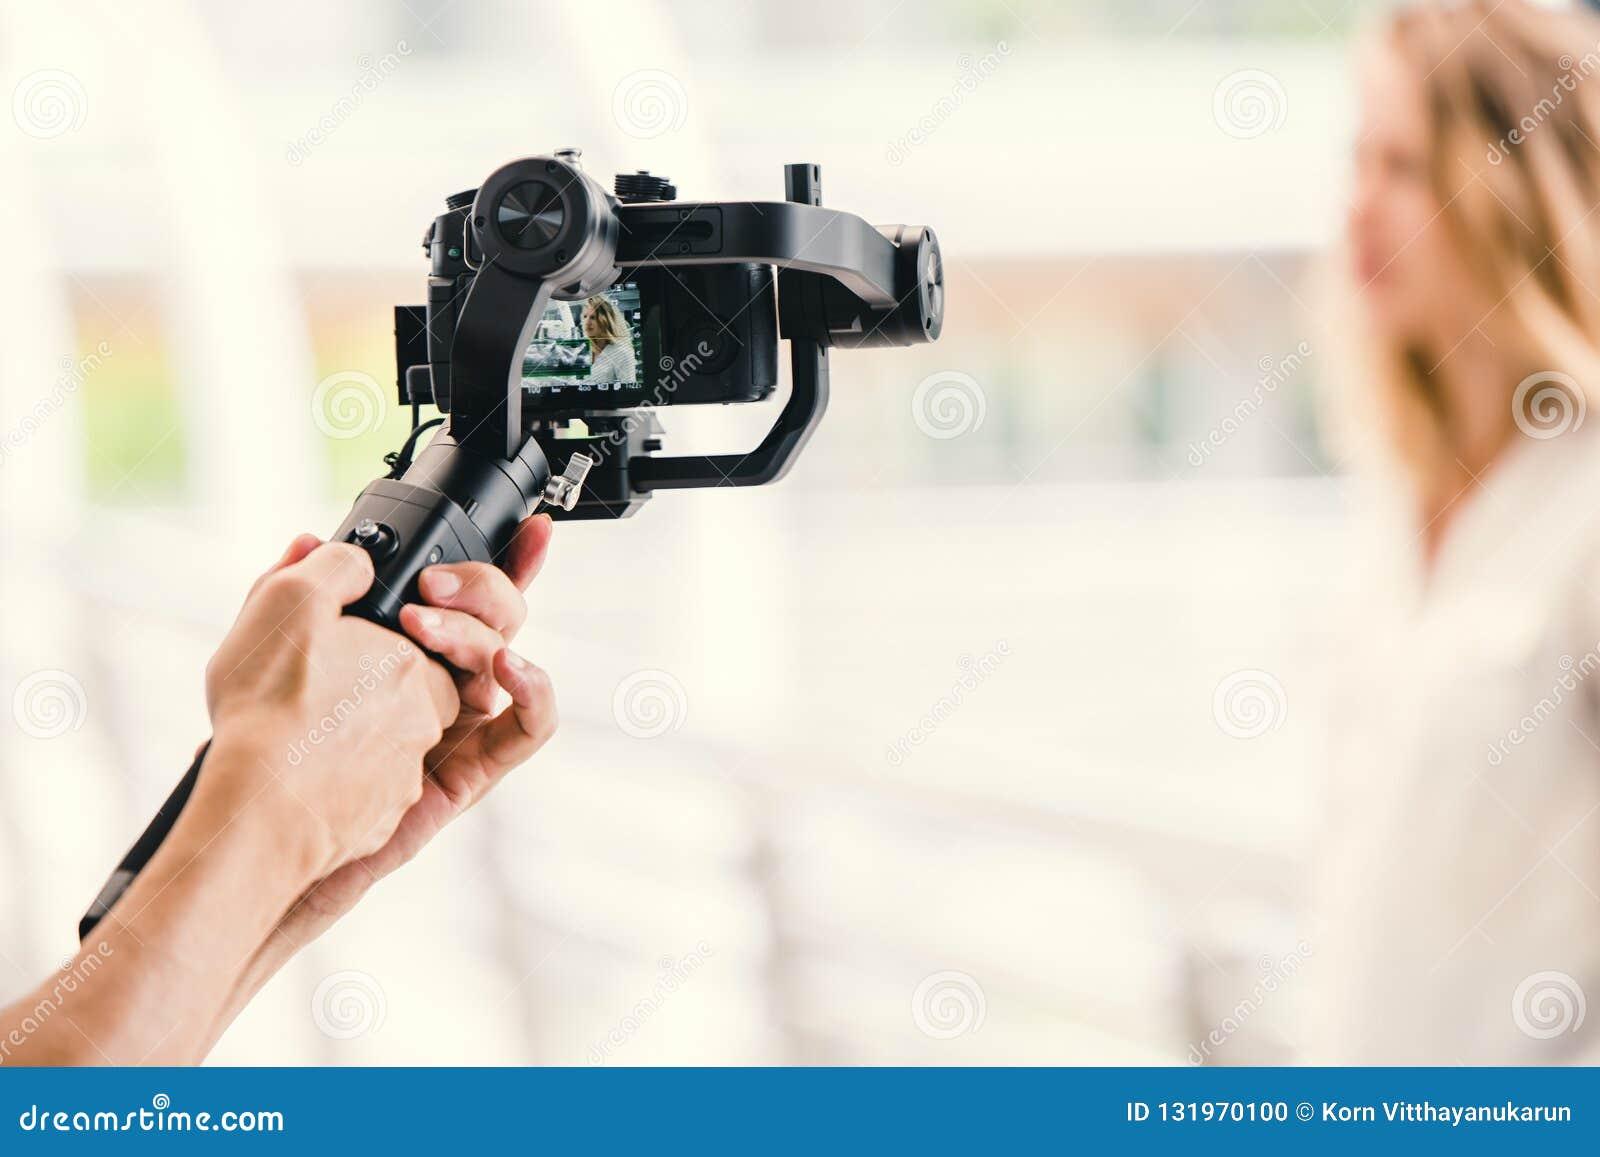 Μηχανοποιημένος αναρτήρας, videographer χρησιμοποιώντας dslr το αντι εργαλείο κουνημάτων καμερών για το σταθεροποιητή